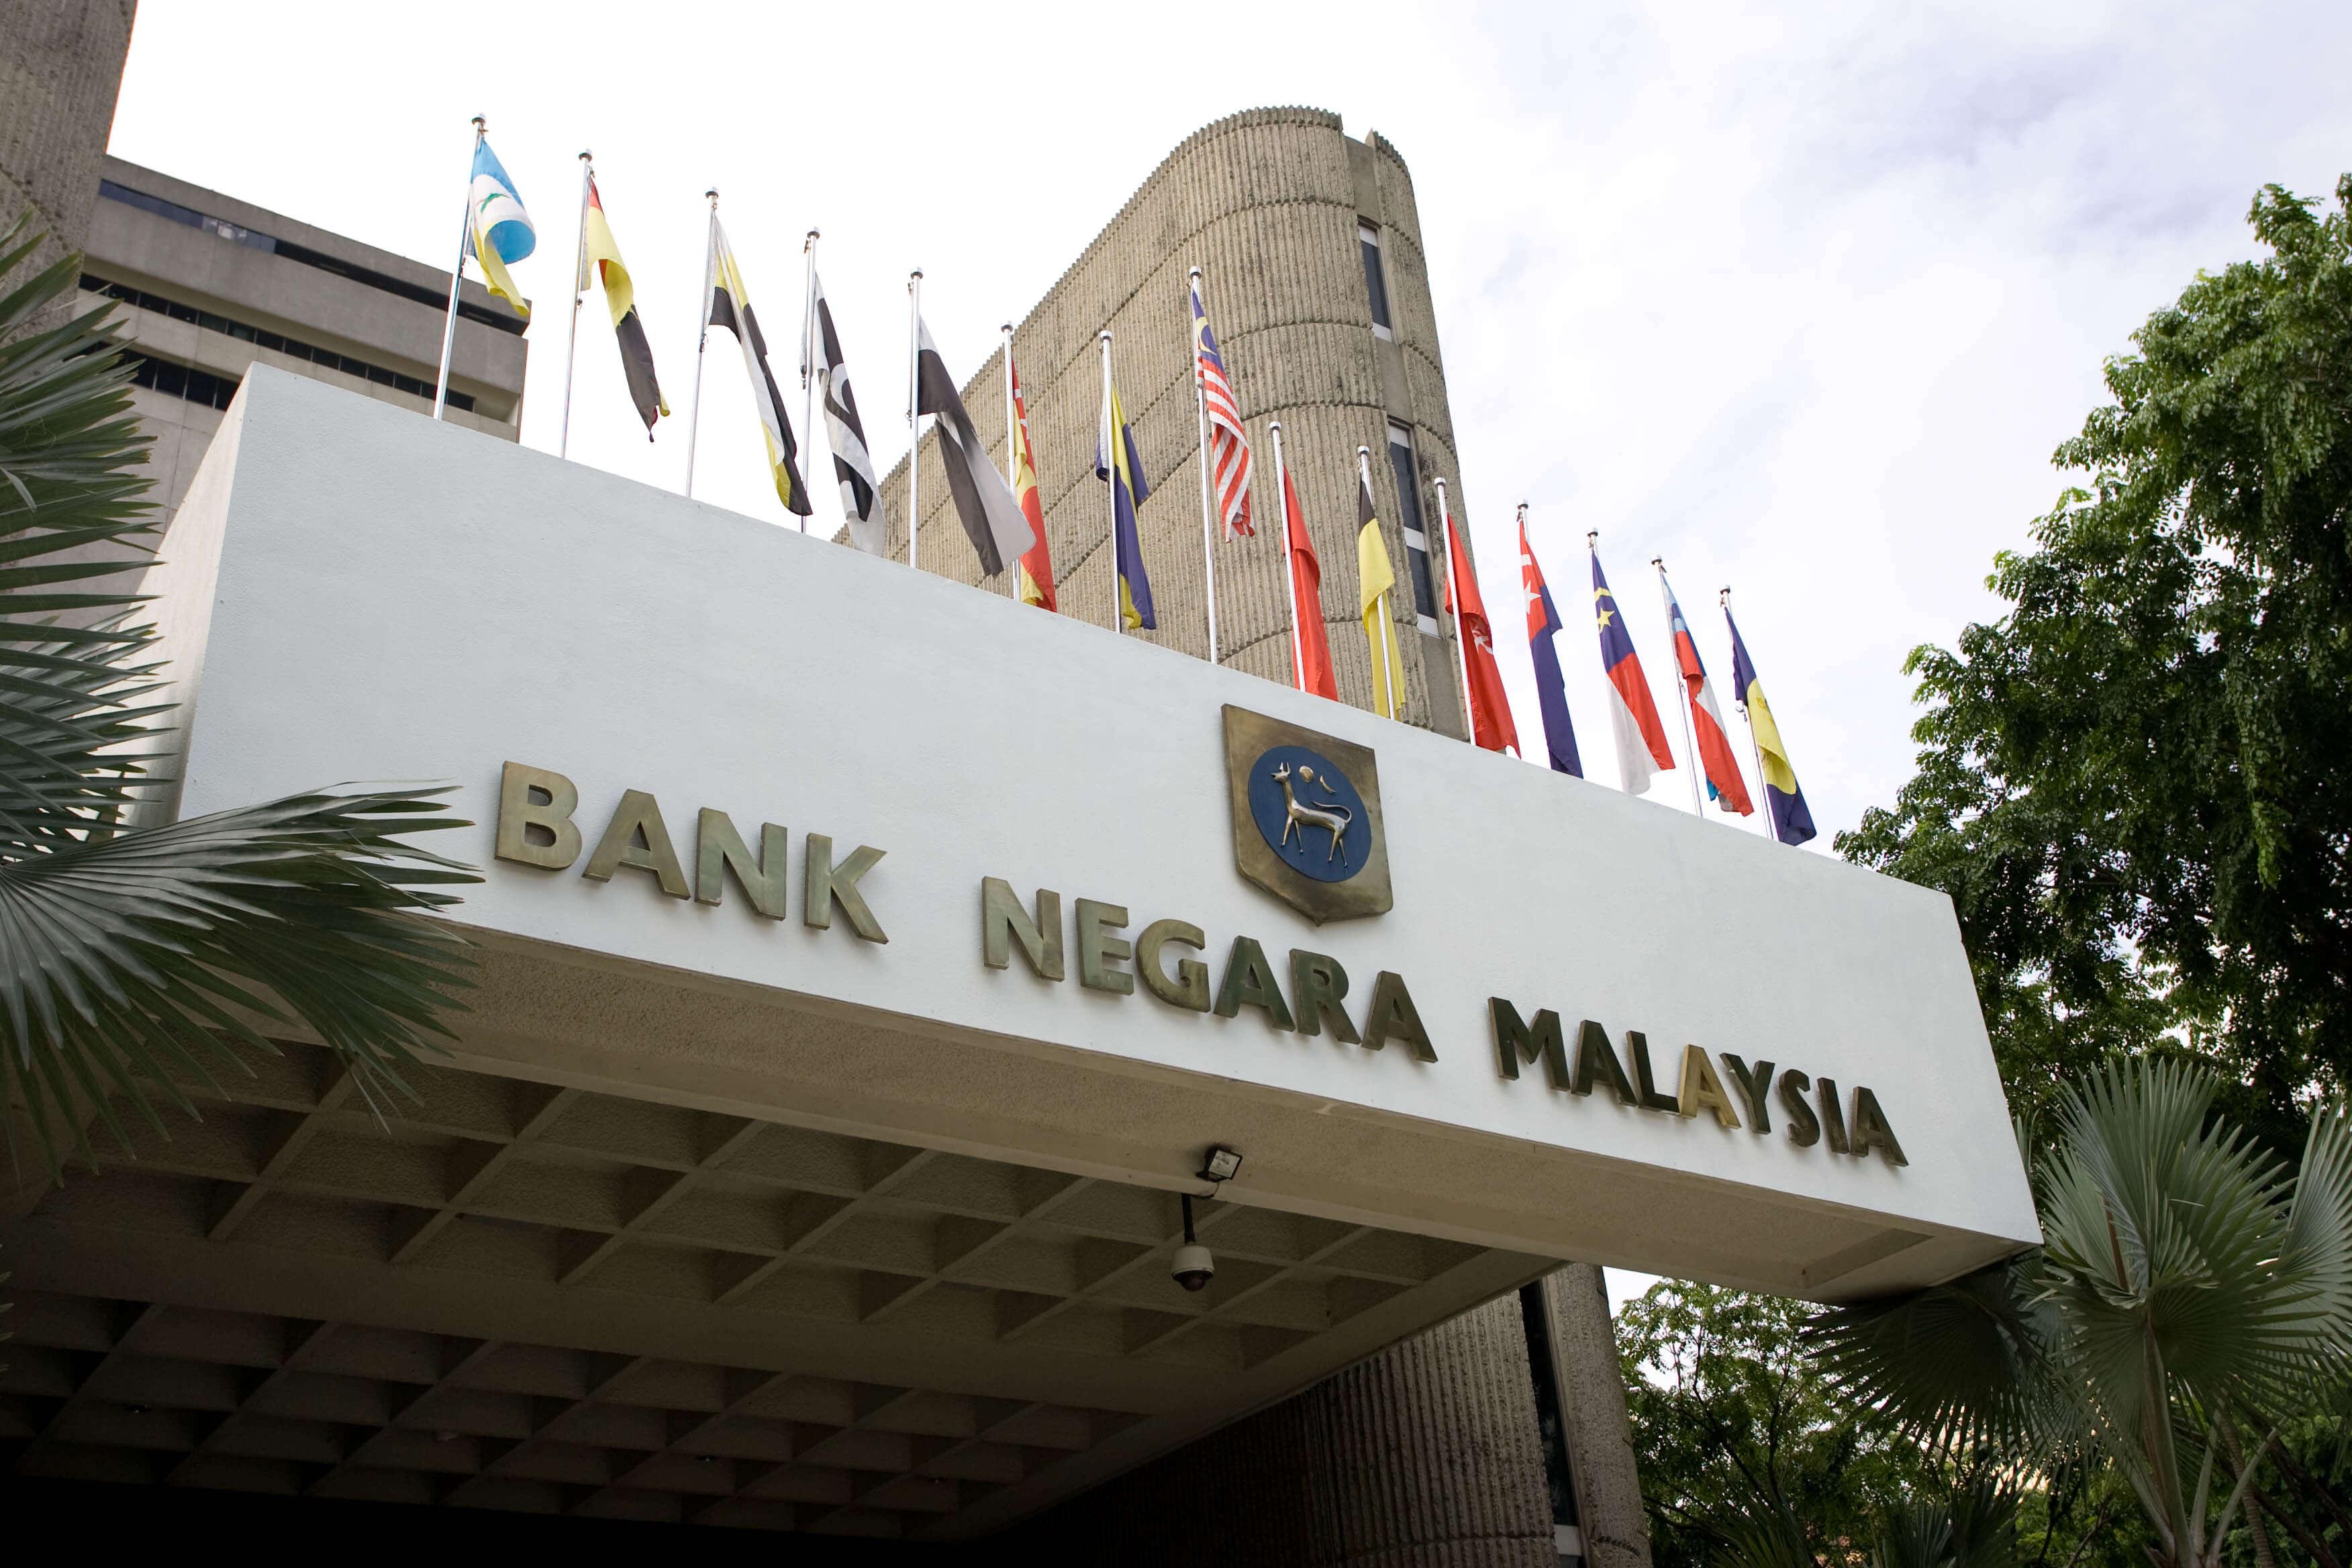 ЦБ Малайзии: судьба криптовалюты в руках общественности